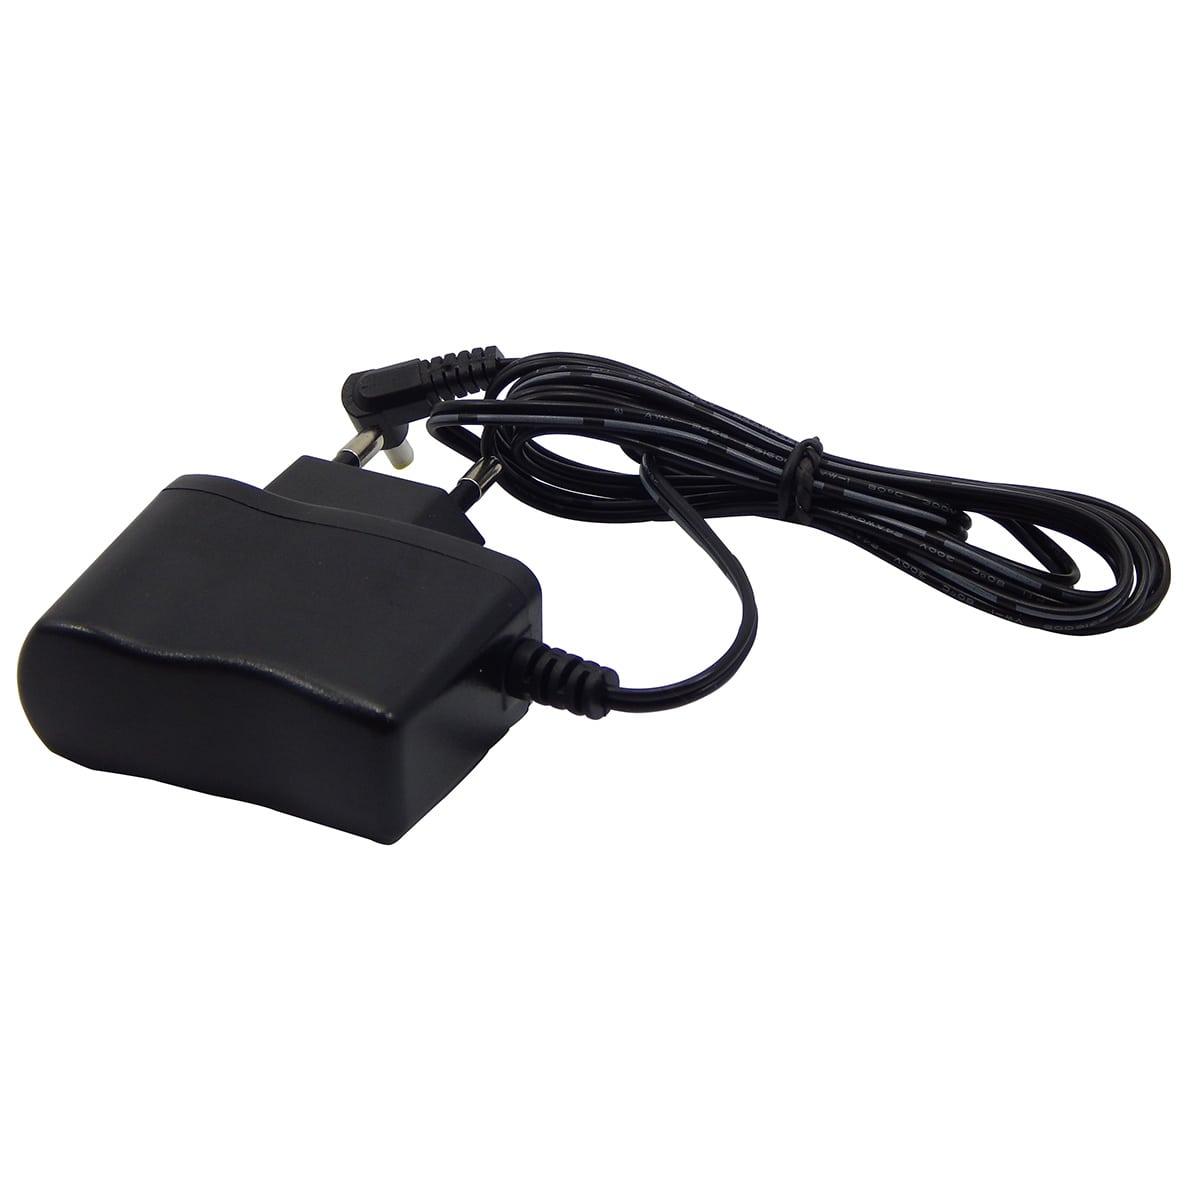 Splitter HDMI Divisor 1 Entrada para 2 Saidas v1.4 3D